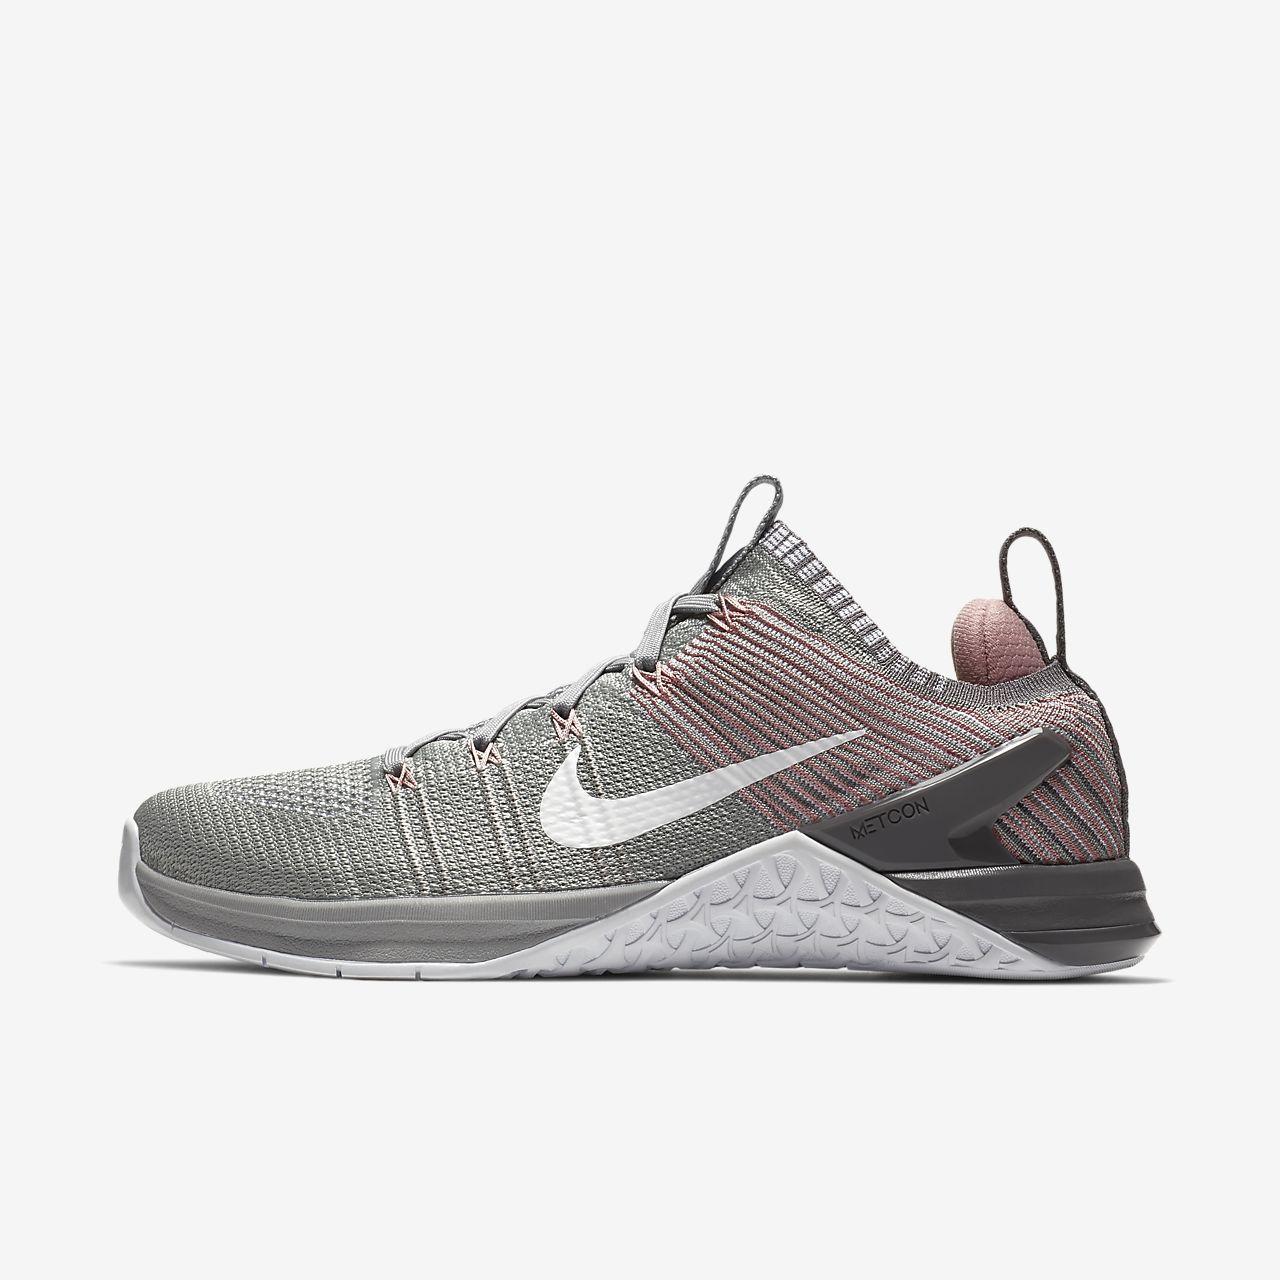 Womens Nike Metcon DSX Flyknit 2 Size 9.5 (924595 100) No Box